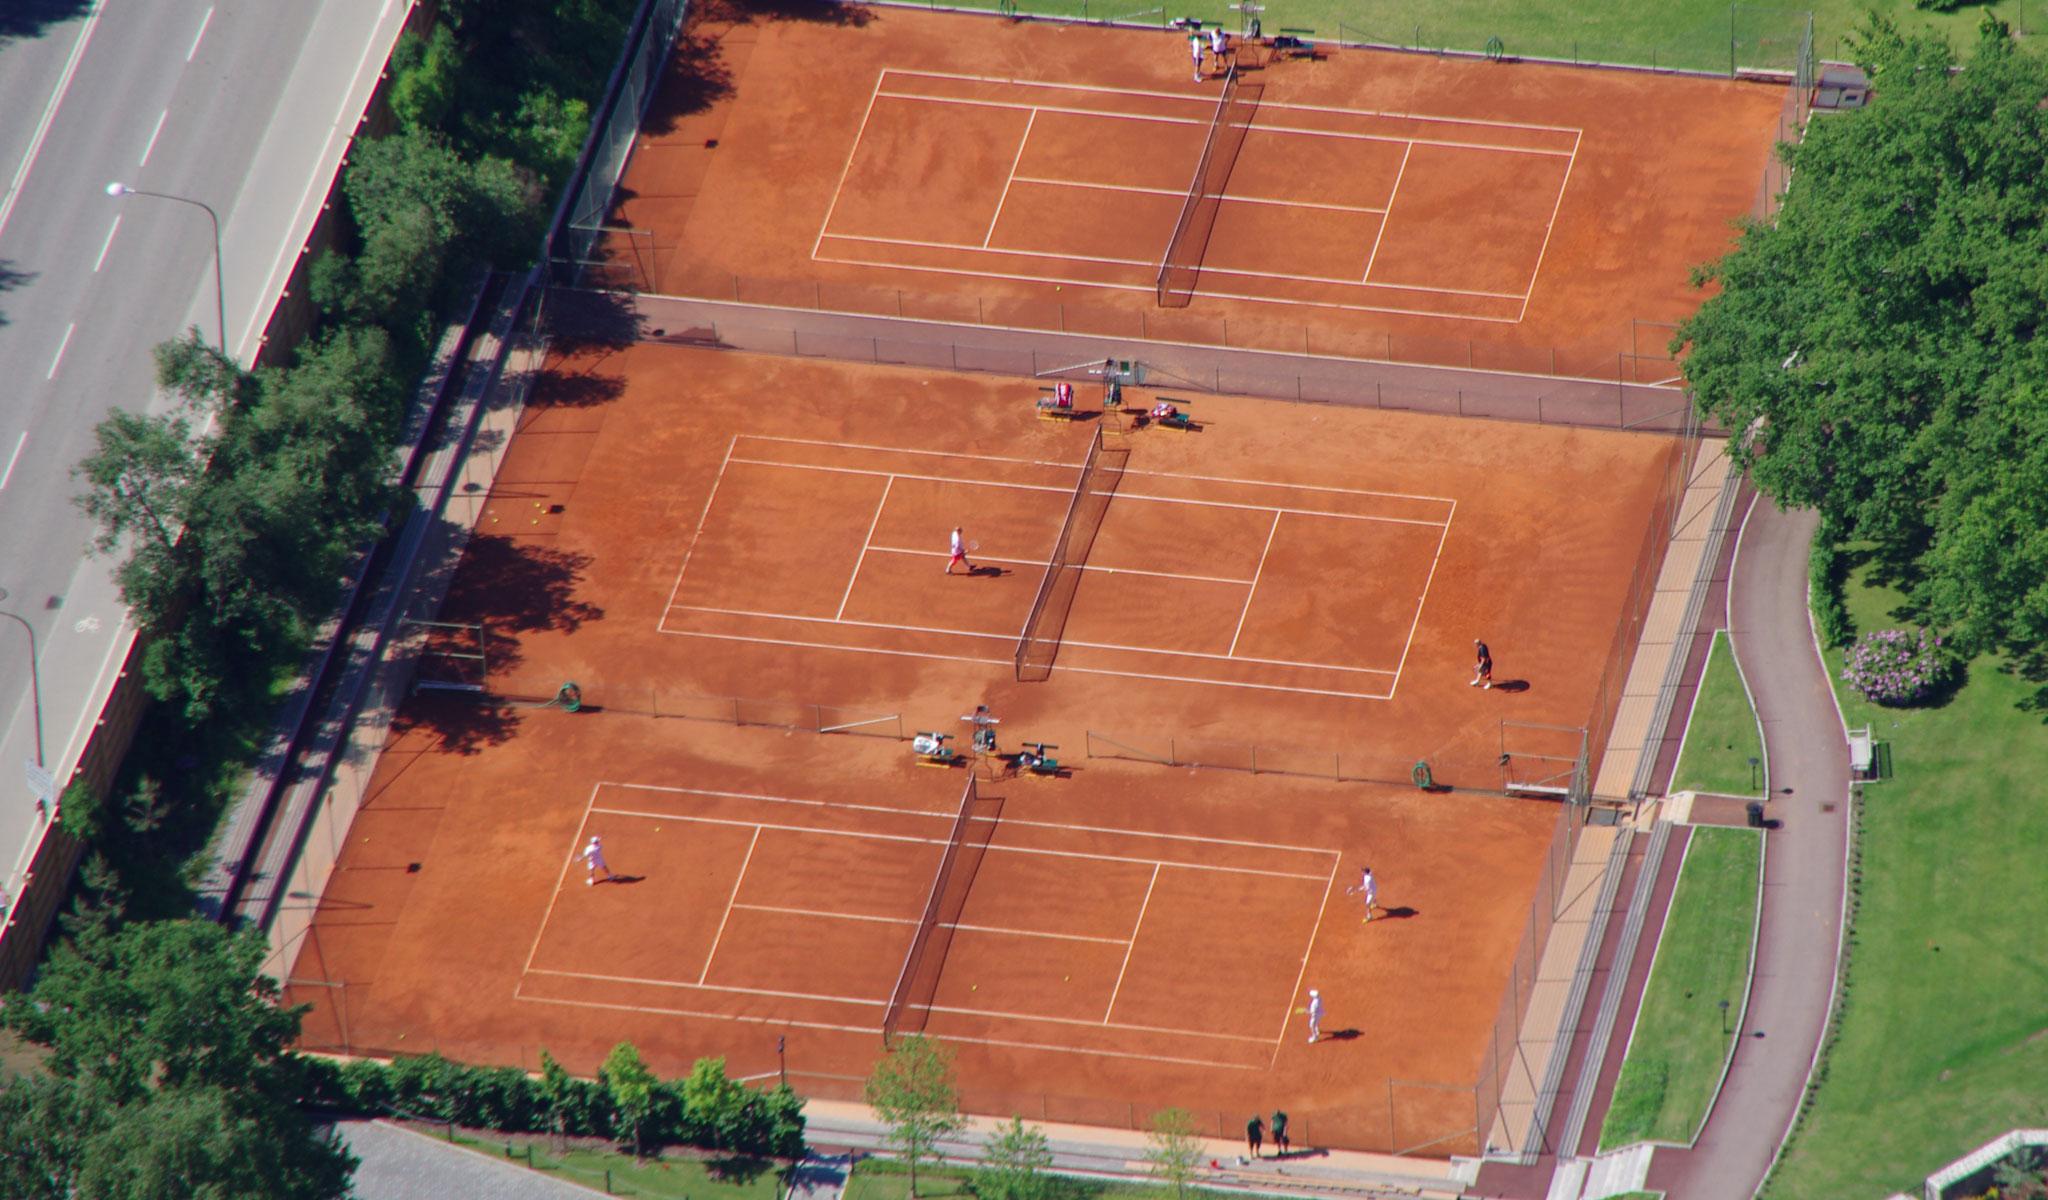 tennis tennisbeläggning tennisbanor tennisunderlag från unisport